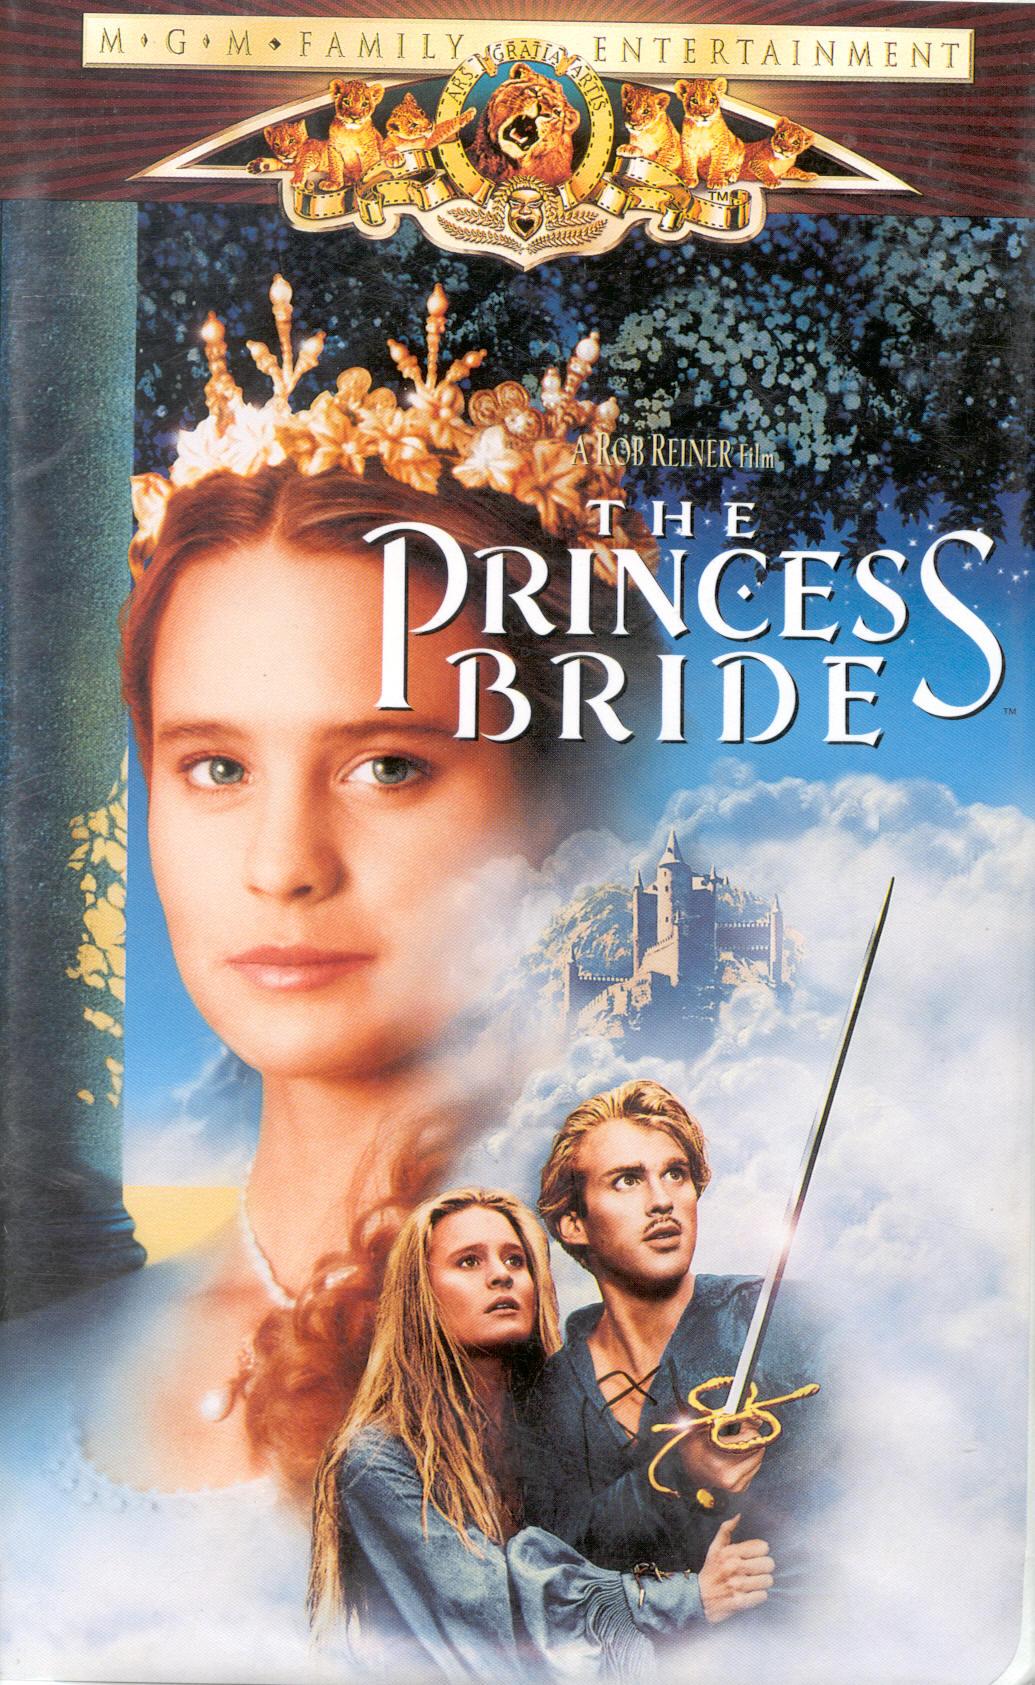 魔幻影片《公主新娘》.